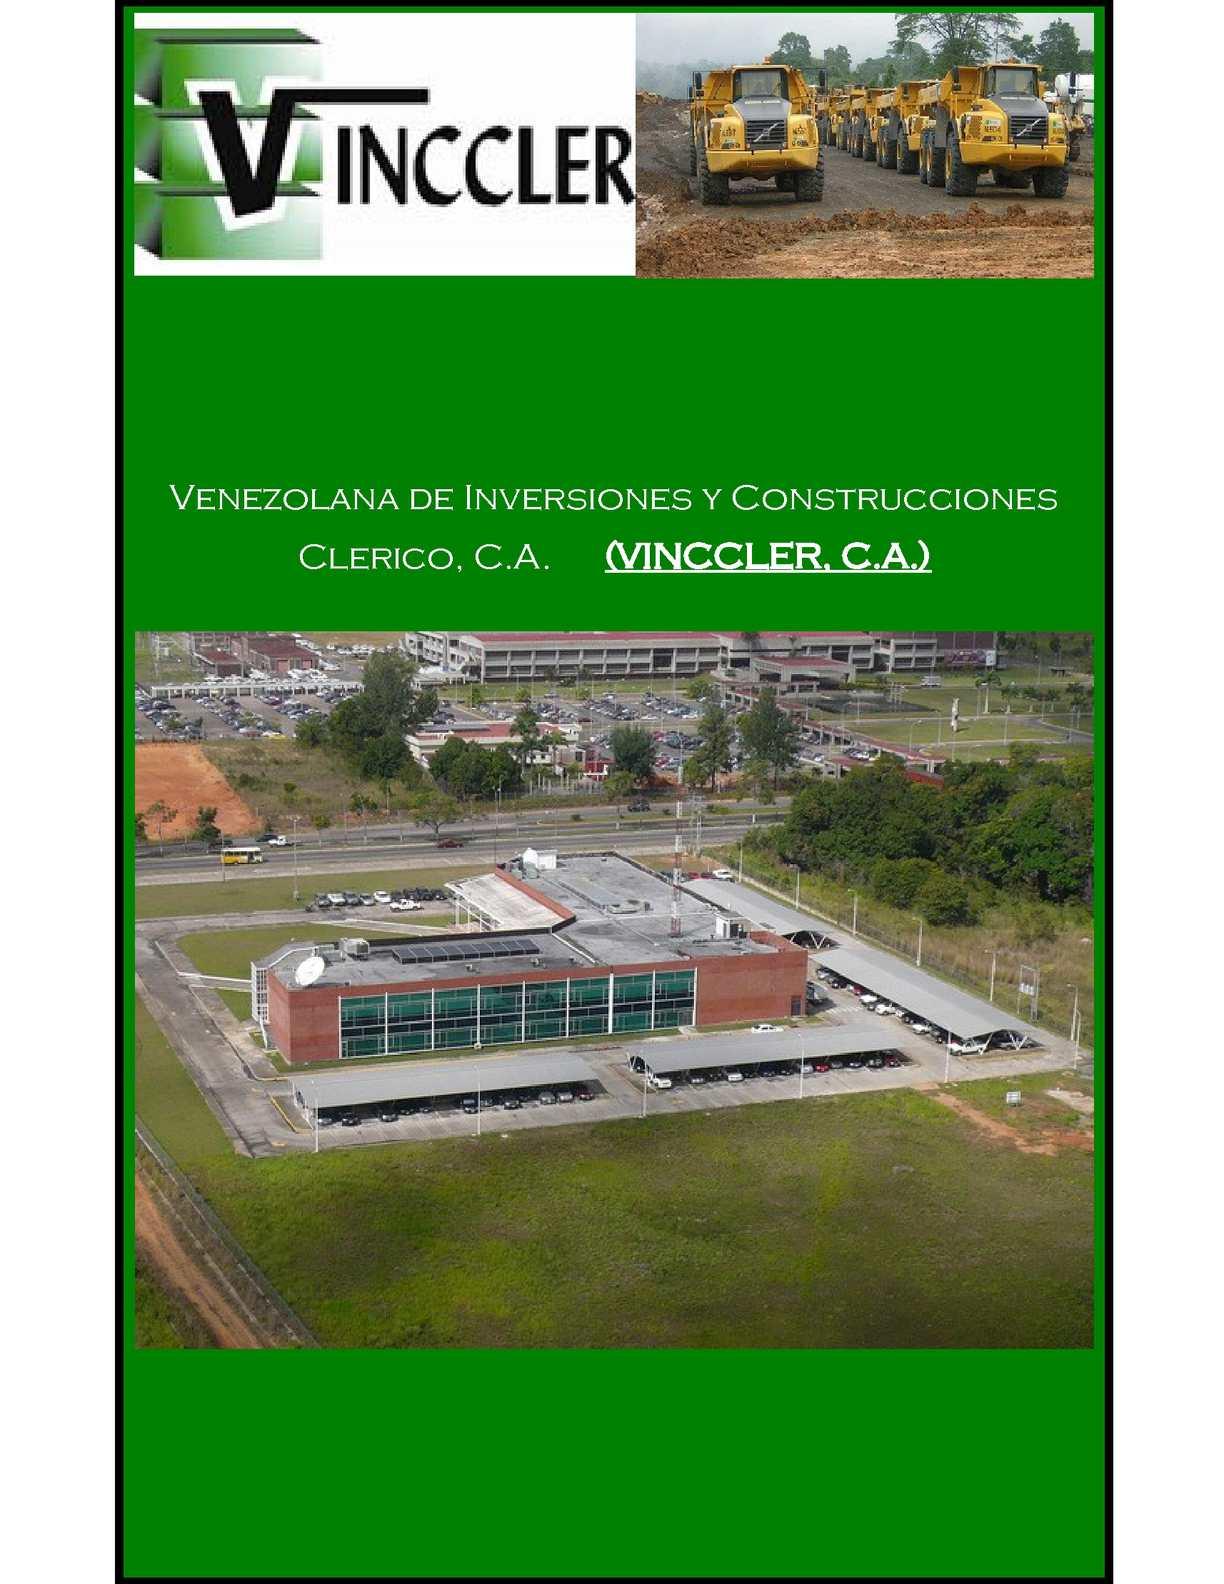 Venezolana de Inversiones y Construcciones Clerico, C.A. (VINCCLER, C.A.)VINCCLER, C.A